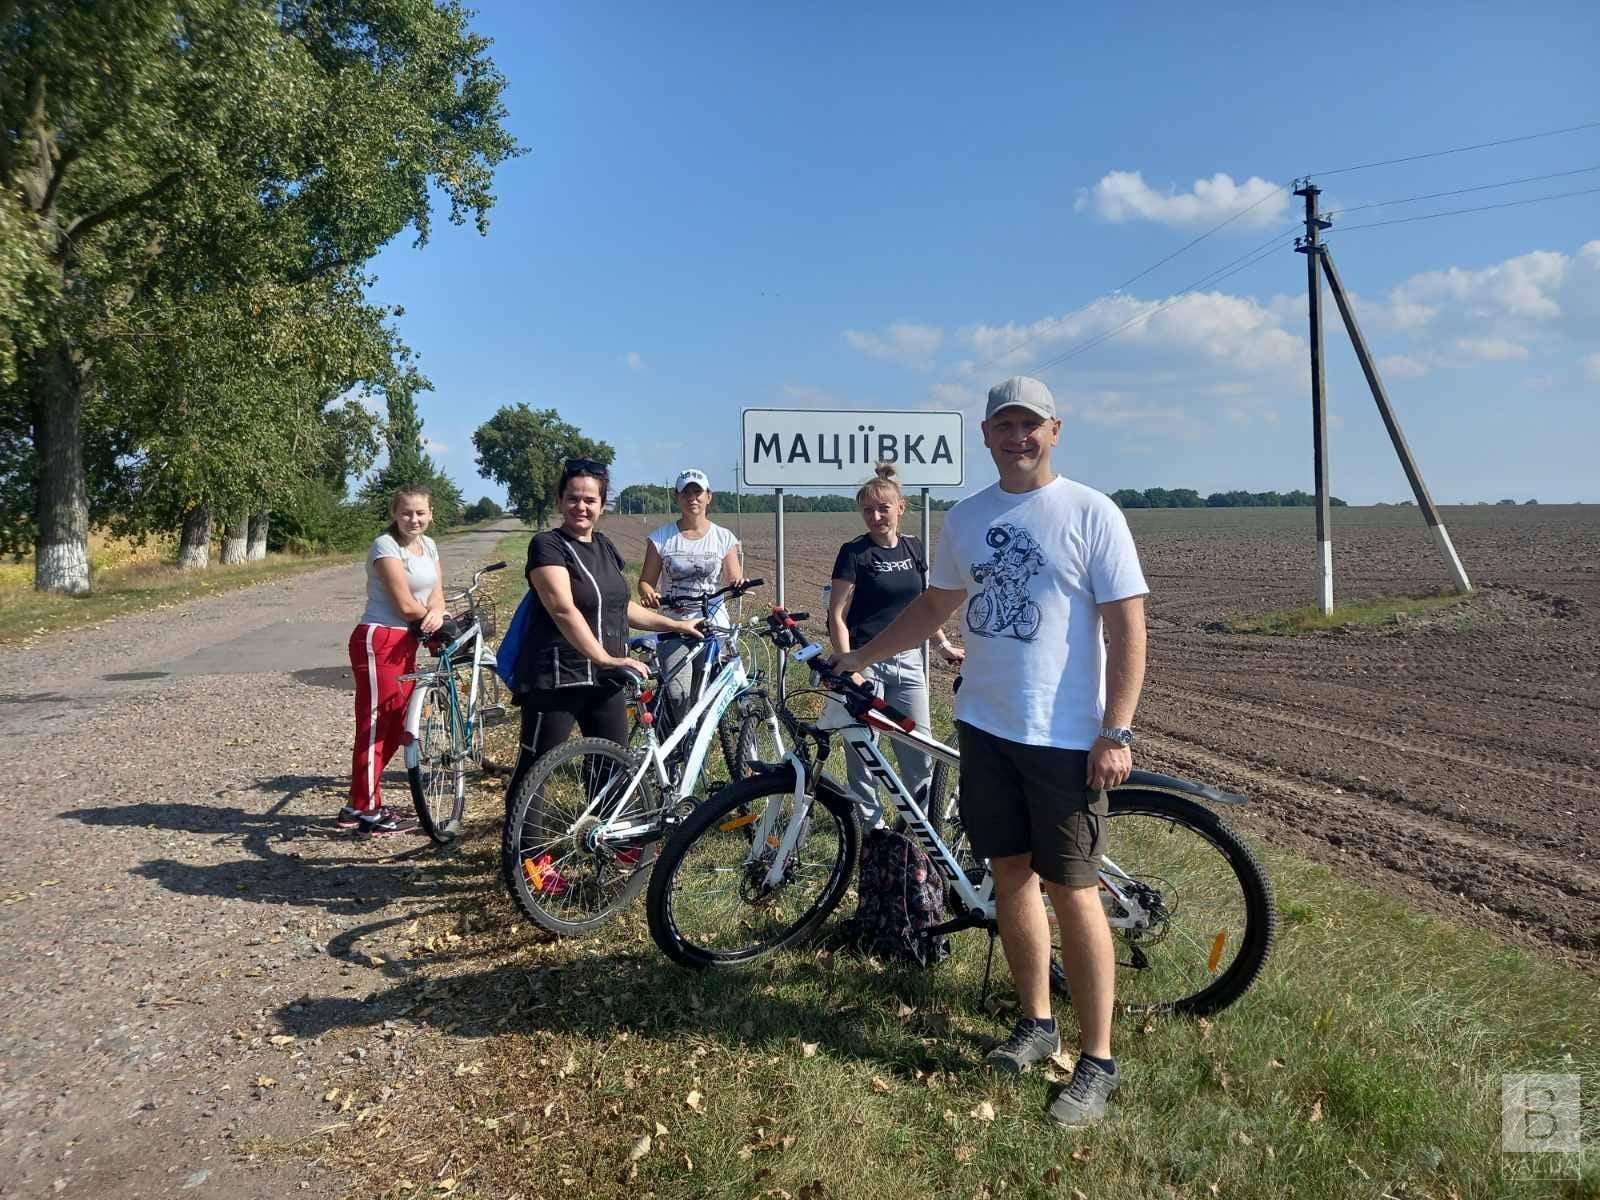 Борщ з малиною і «Маціївські Карпати»: на Чернігівщині відкрили унікальний веломаршрут. ФОТО